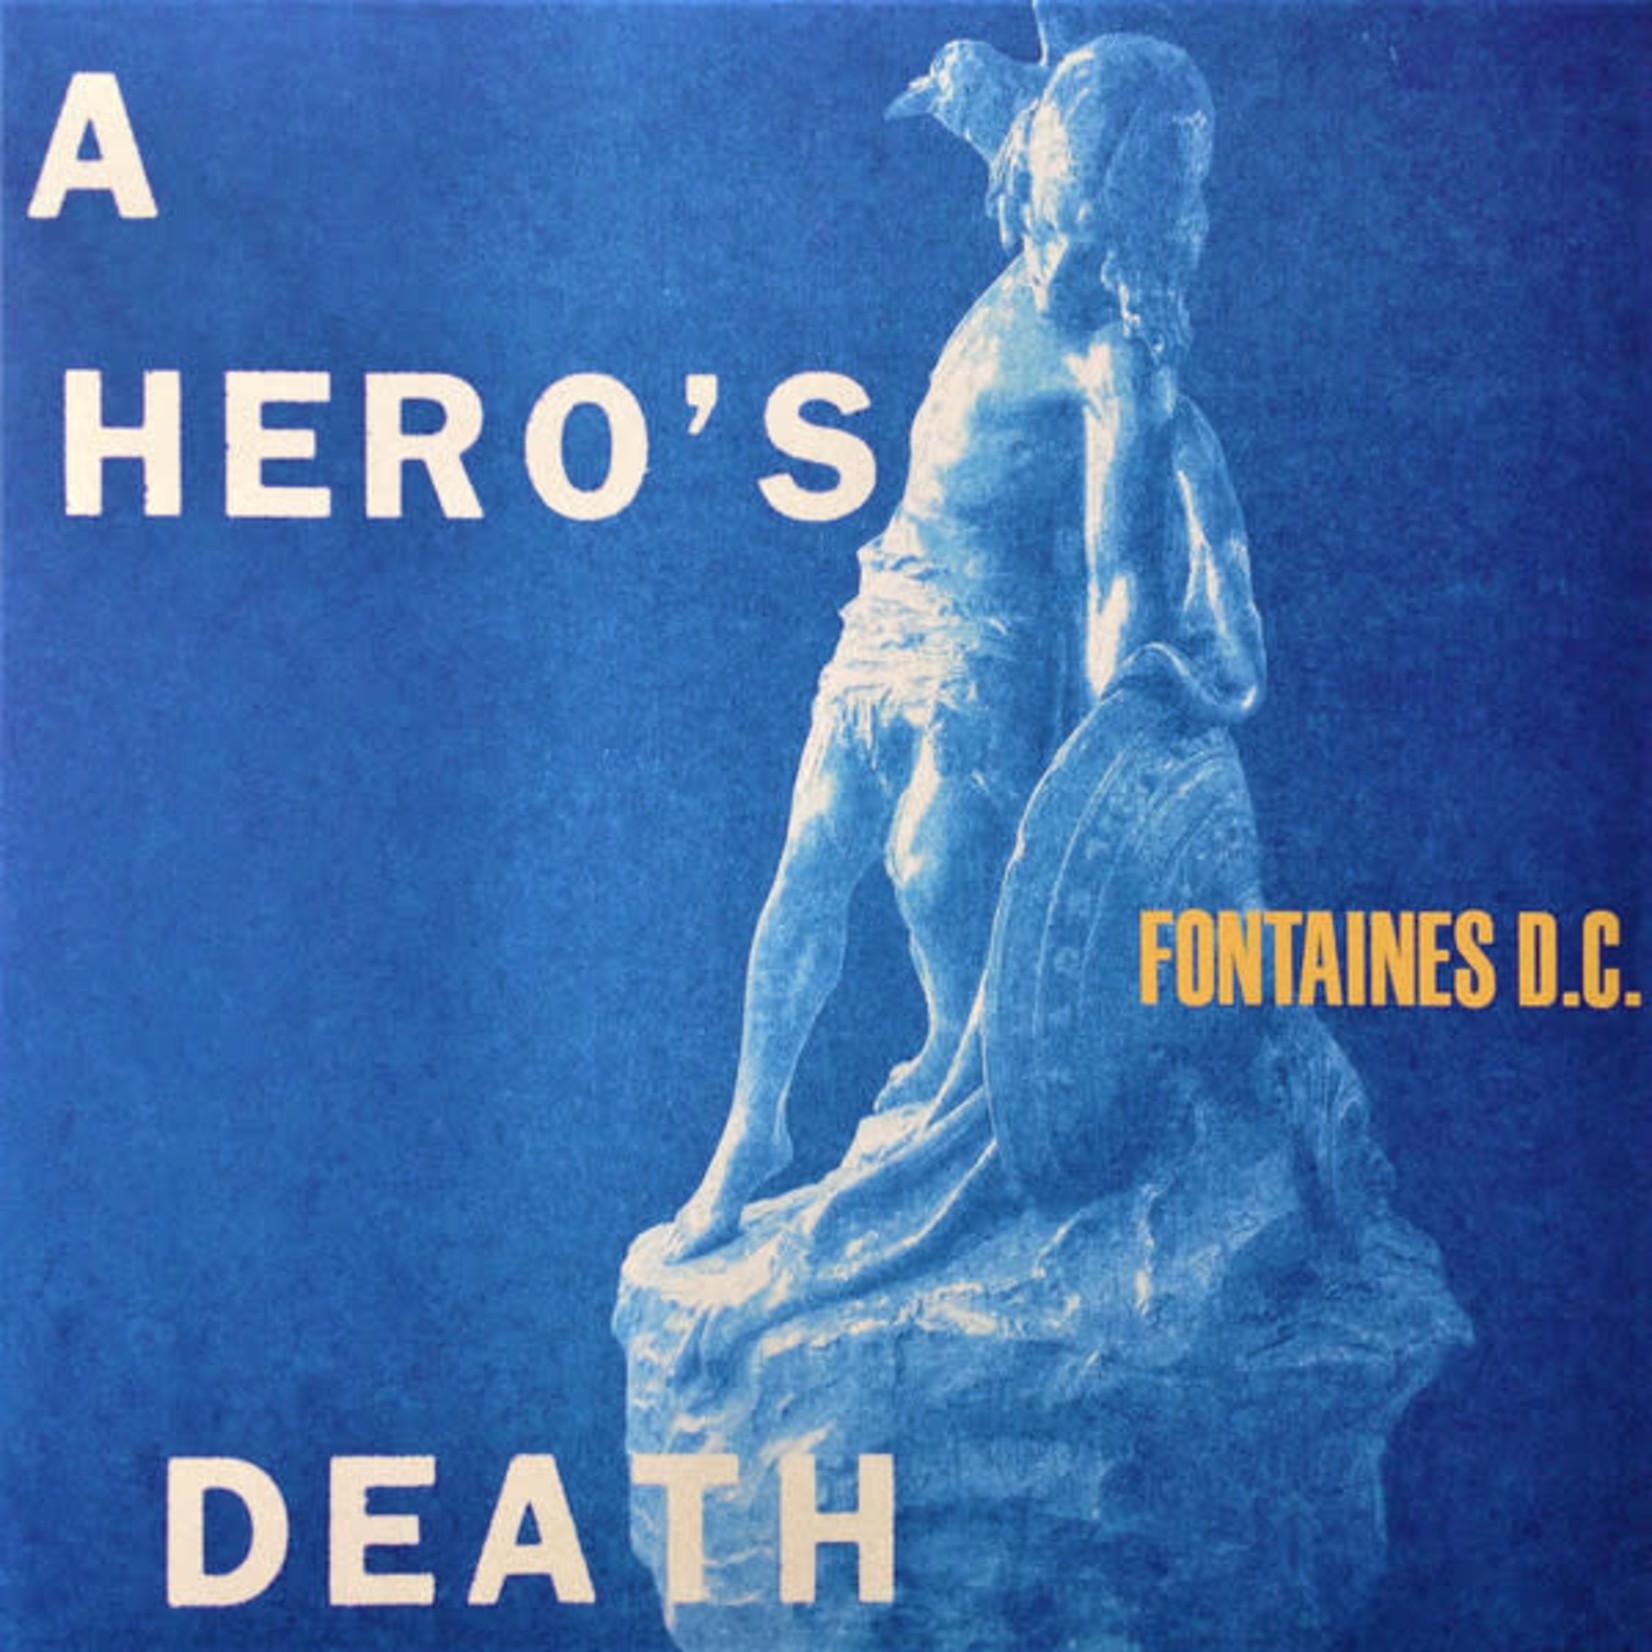 FONTAINES D.C. A HERO'S DEATH (LP)